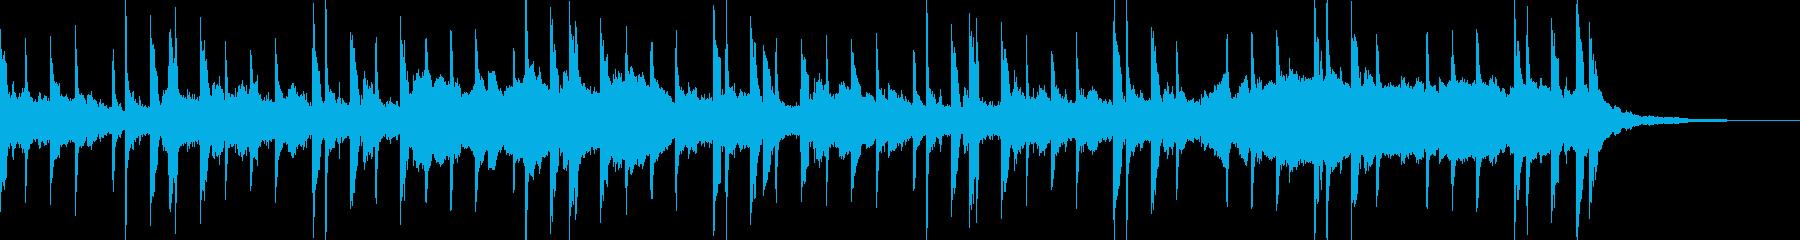 エンディングに適した優しいジングルの再生済みの波形